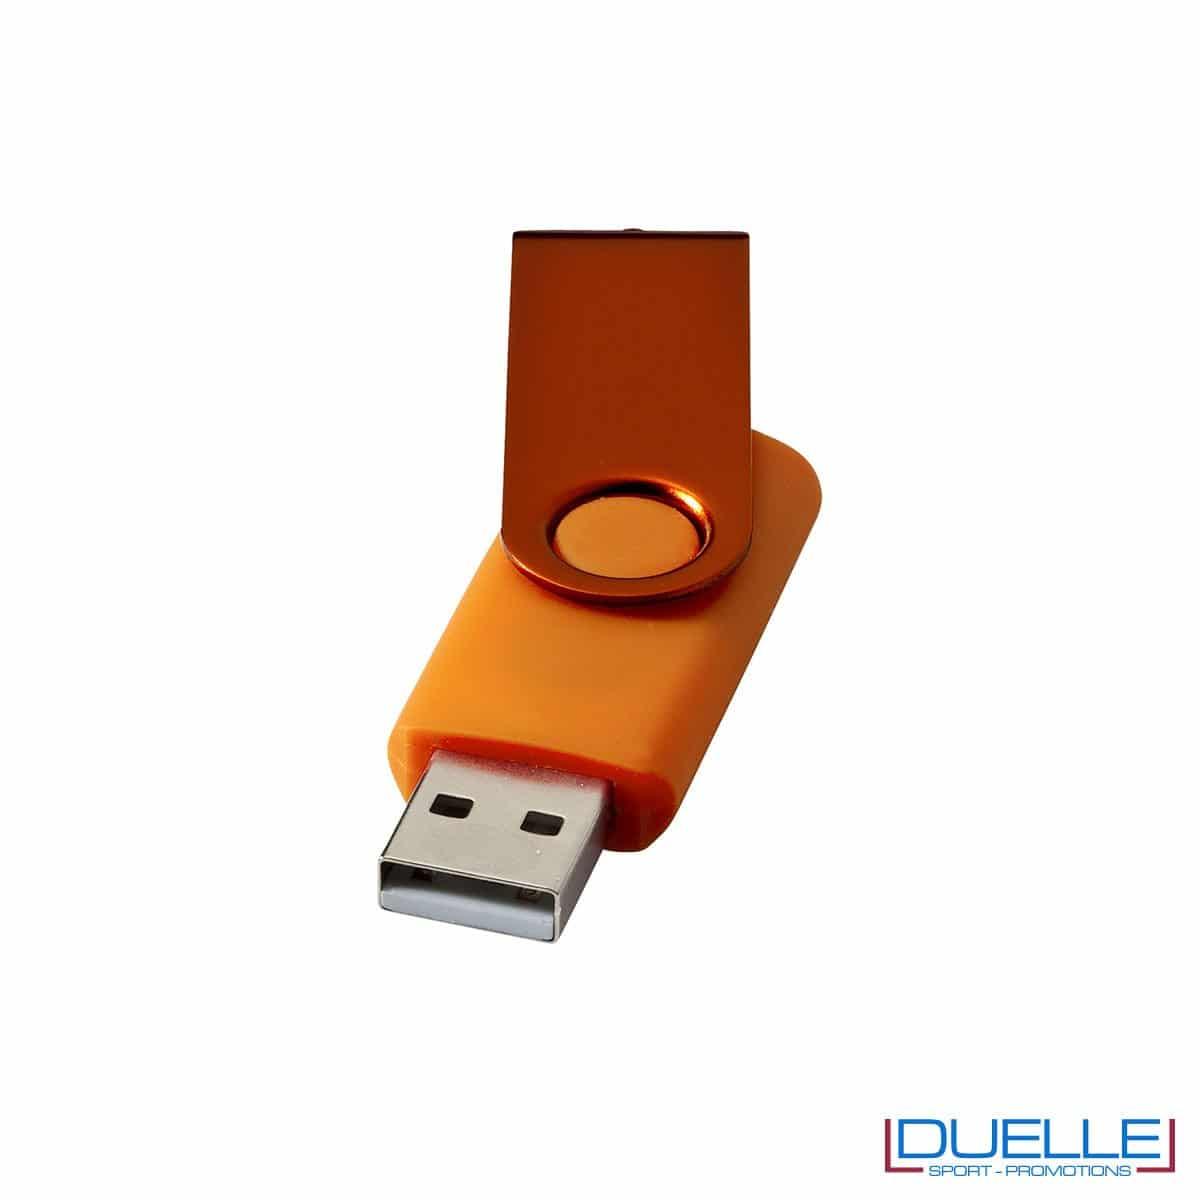 chiavetta USB personalizzata in colore arancione con scocca in alluminio anodizzato, memoria USB personalizzata